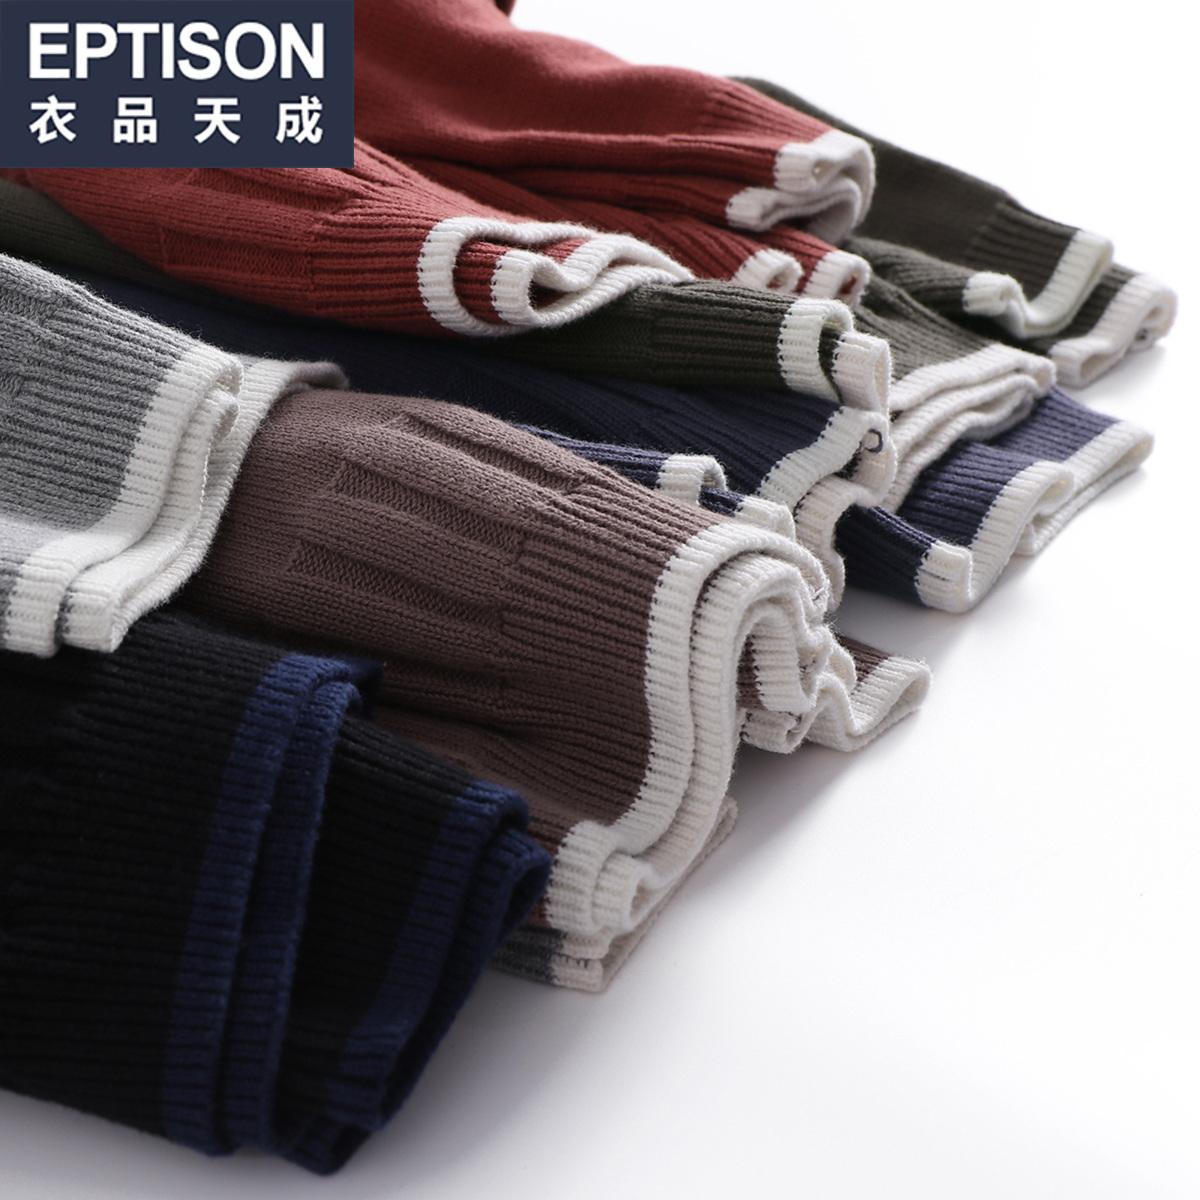 衣品天成2018秋季新款男士圆领毛衣潮流韩版青少年纯棉套头针织衫